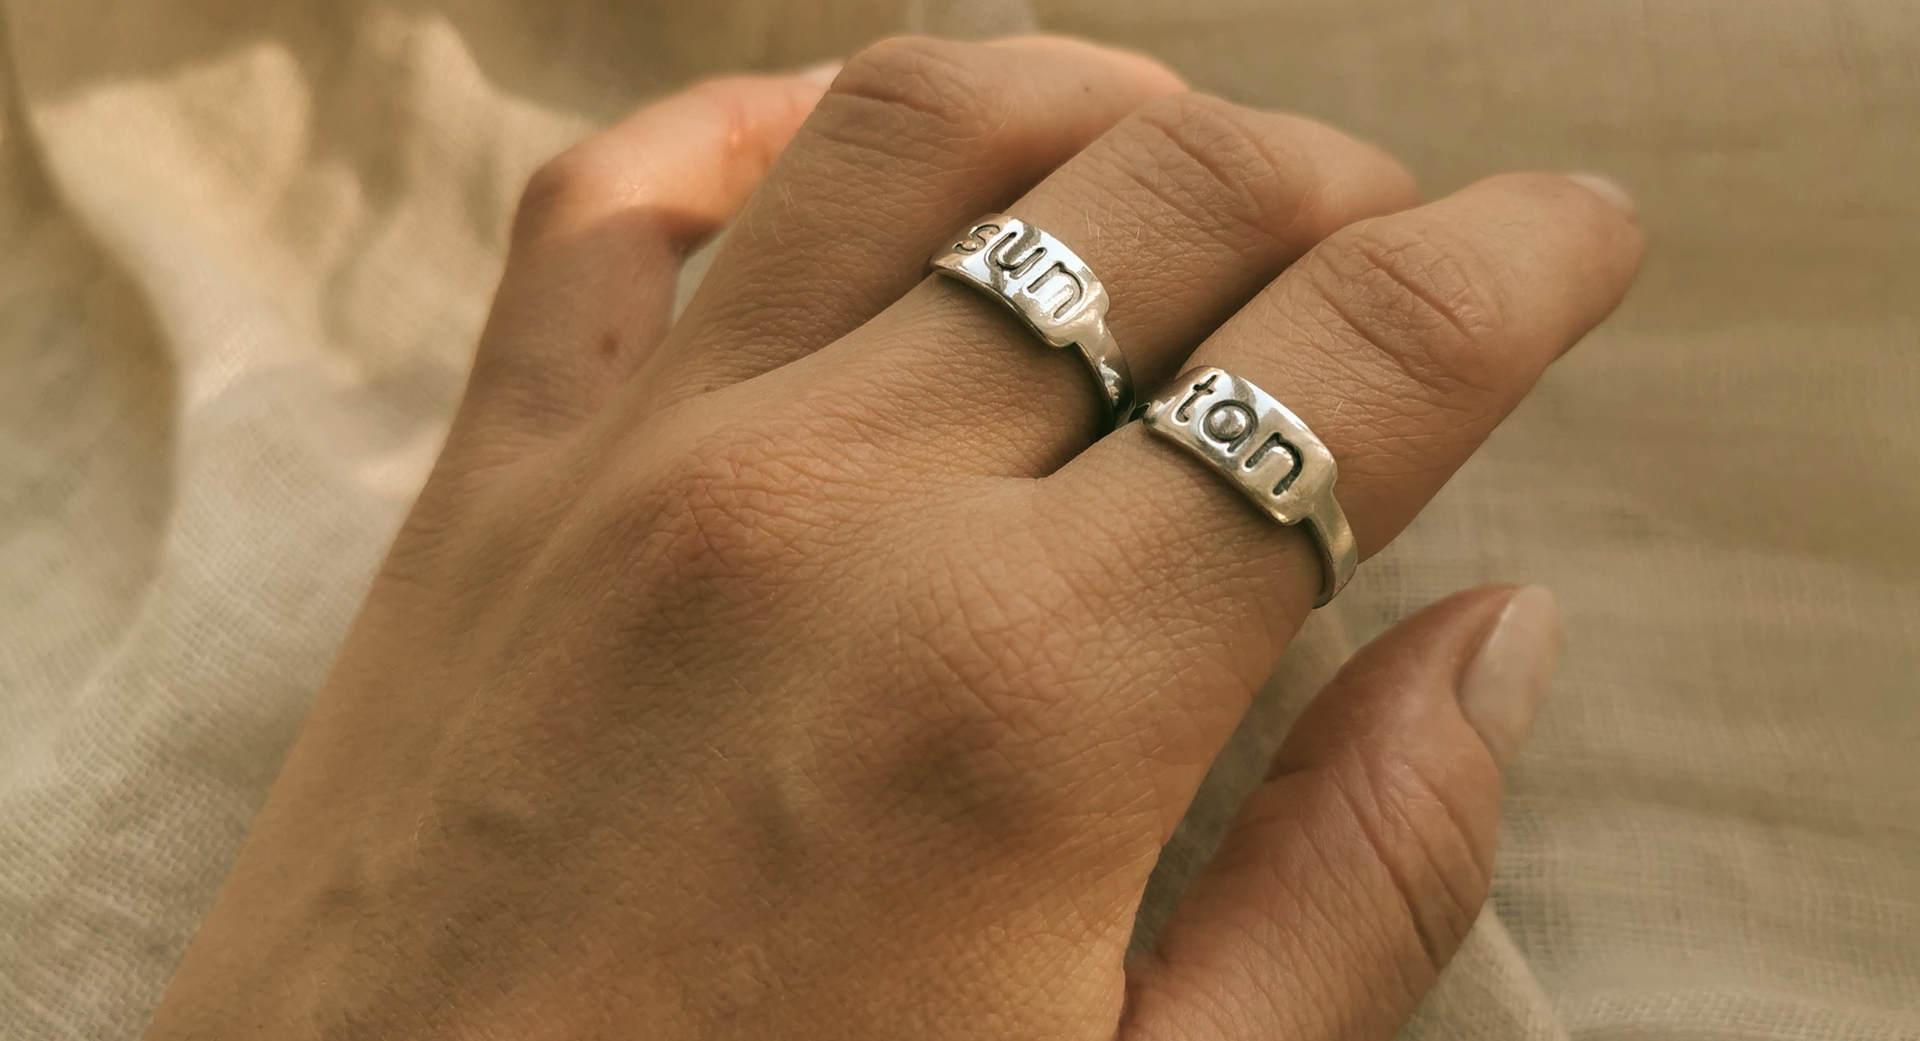 SUN RING, tan ring, bague argent 925, bague avec inscription, bague argent massif, bague créateur, bague marque Française, taille 52, taille 54